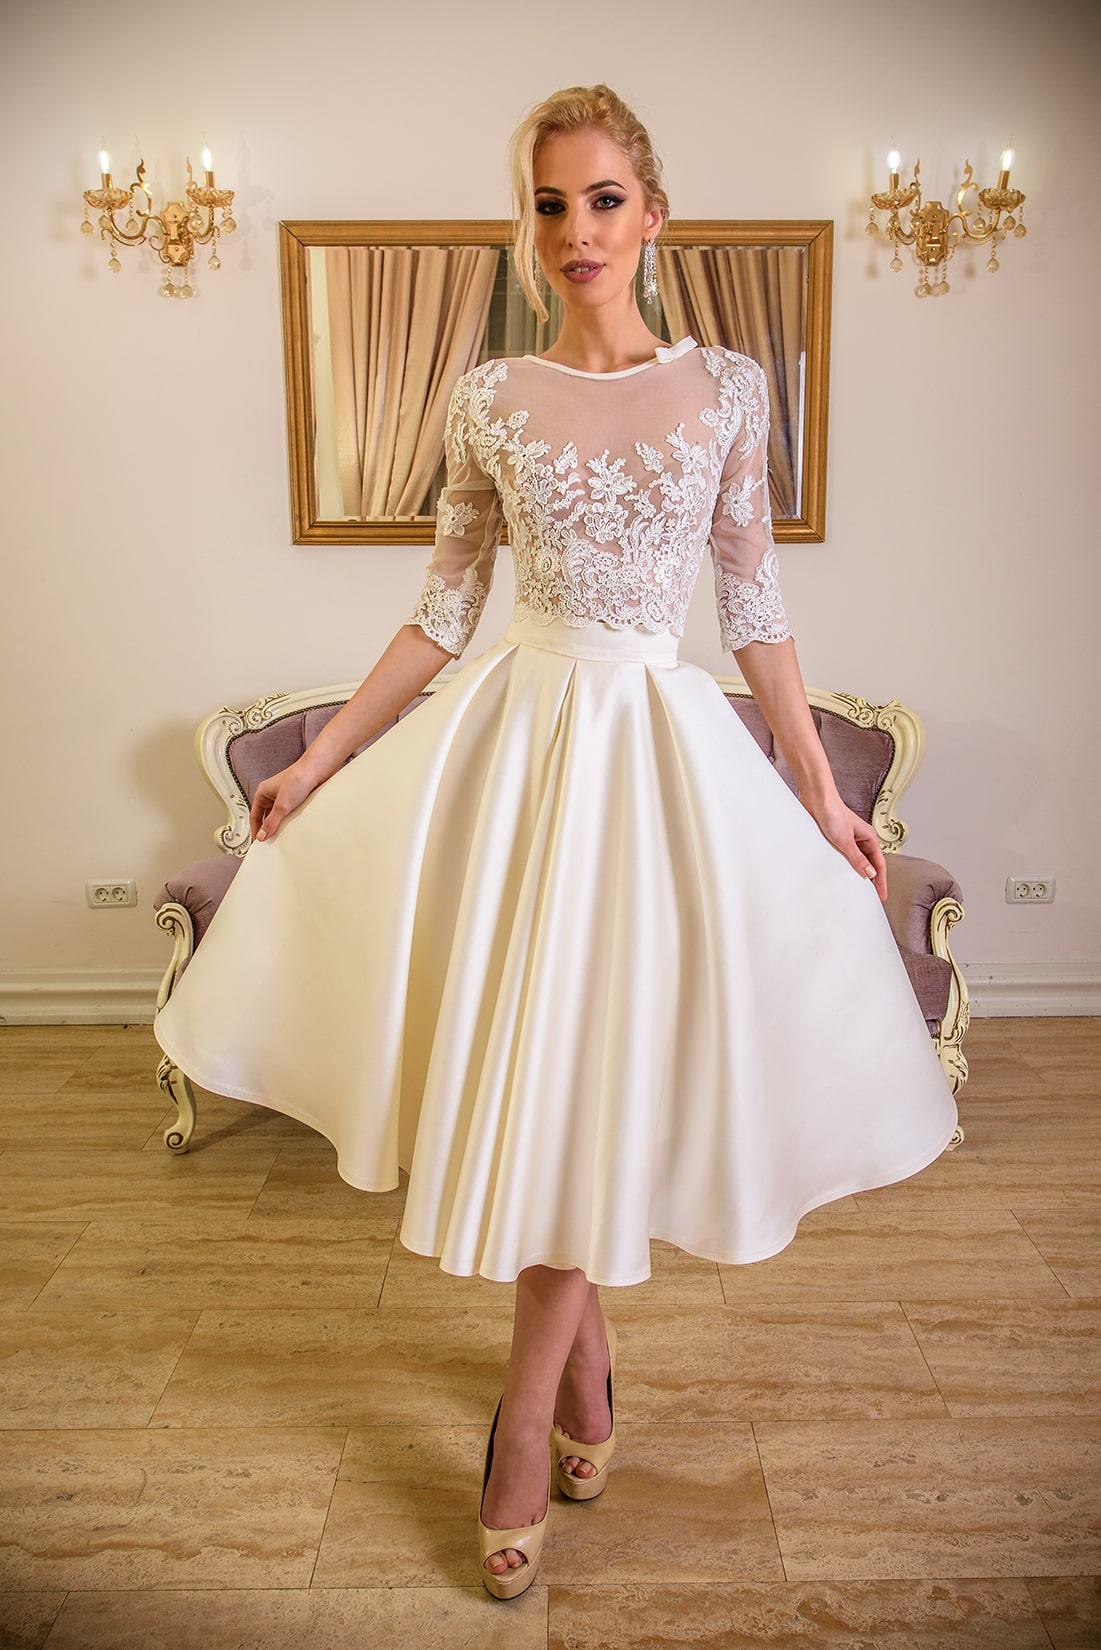 Norma Model - Colectia Baroque - Adora Sposa